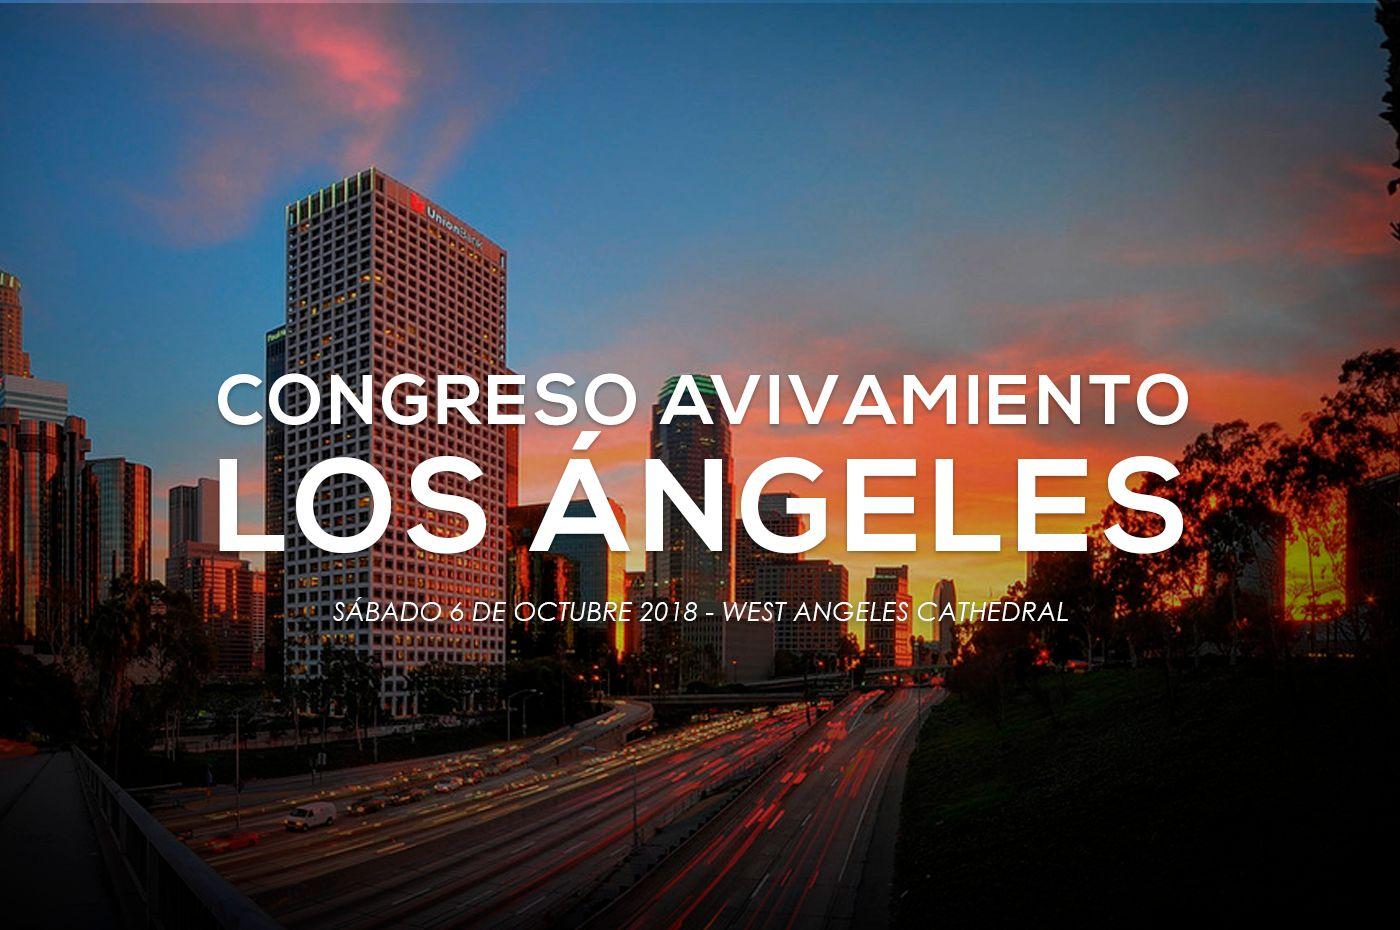 Congreso Avivamiento Los Ángeles